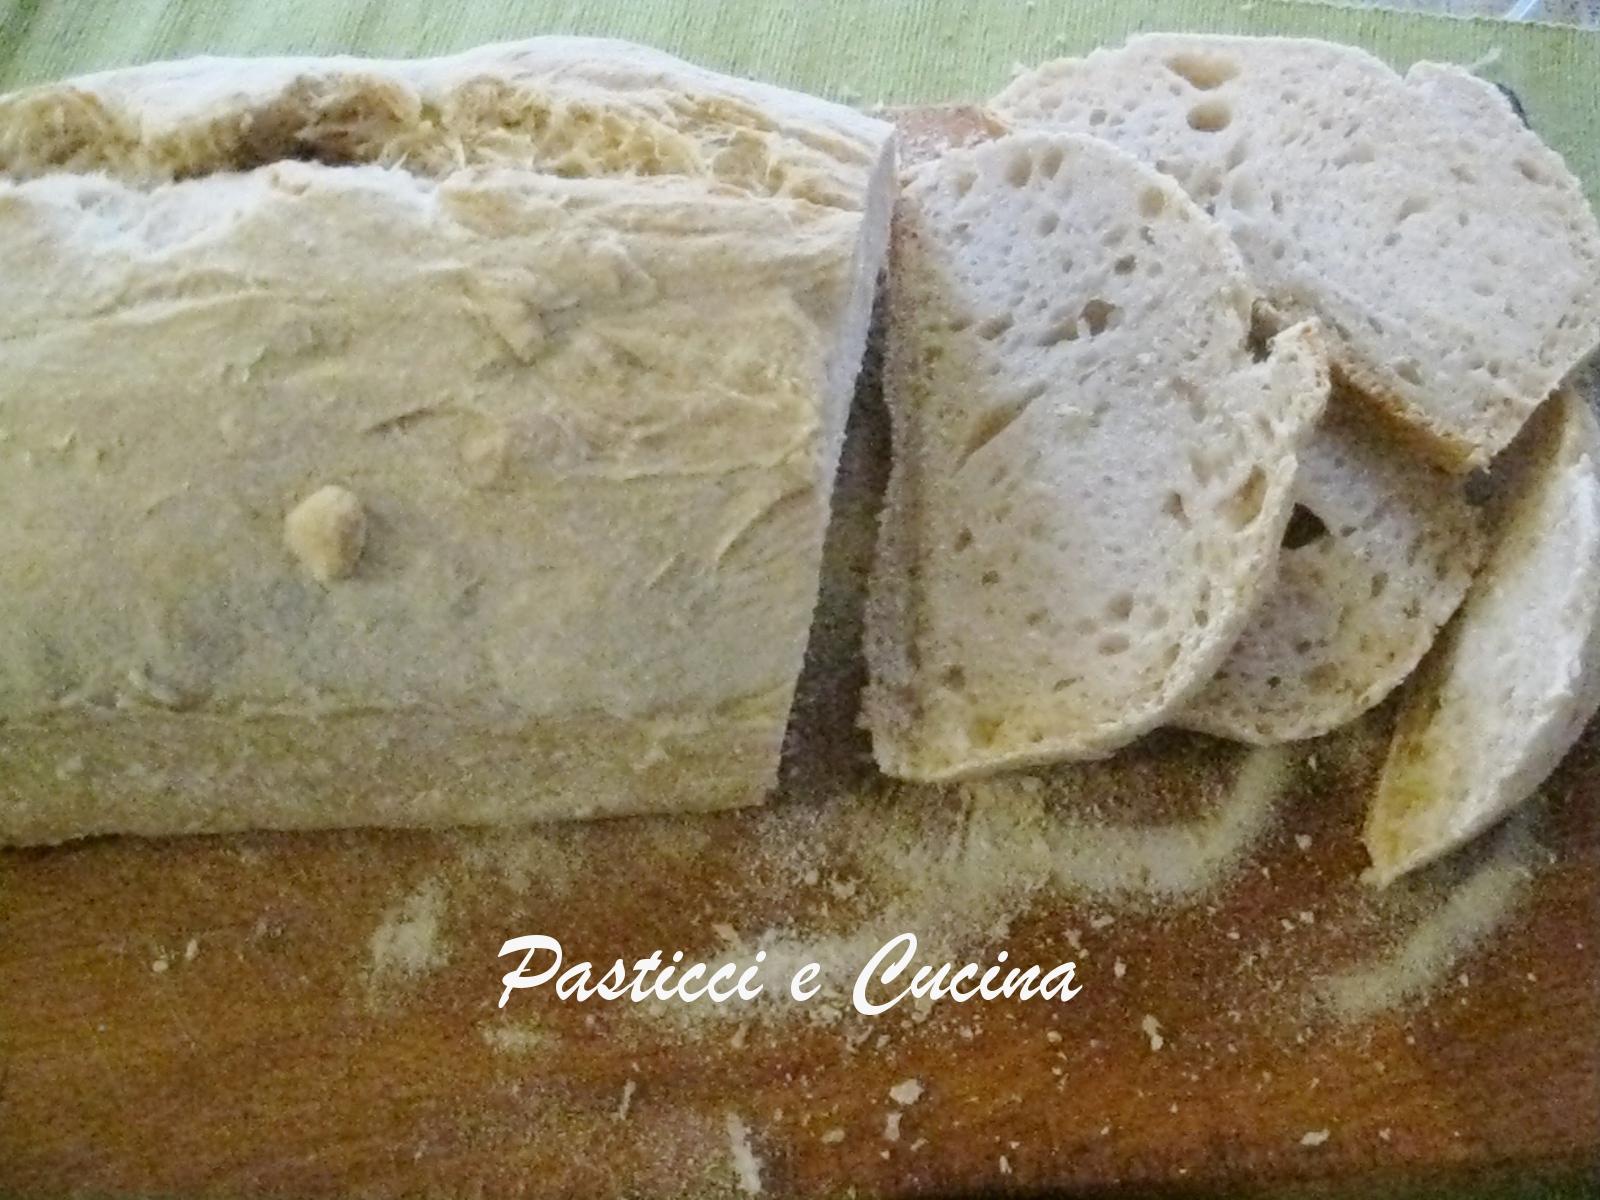 Pasticci e cucina pane casareccio bianco con licoli - Cucina e pasticci ...